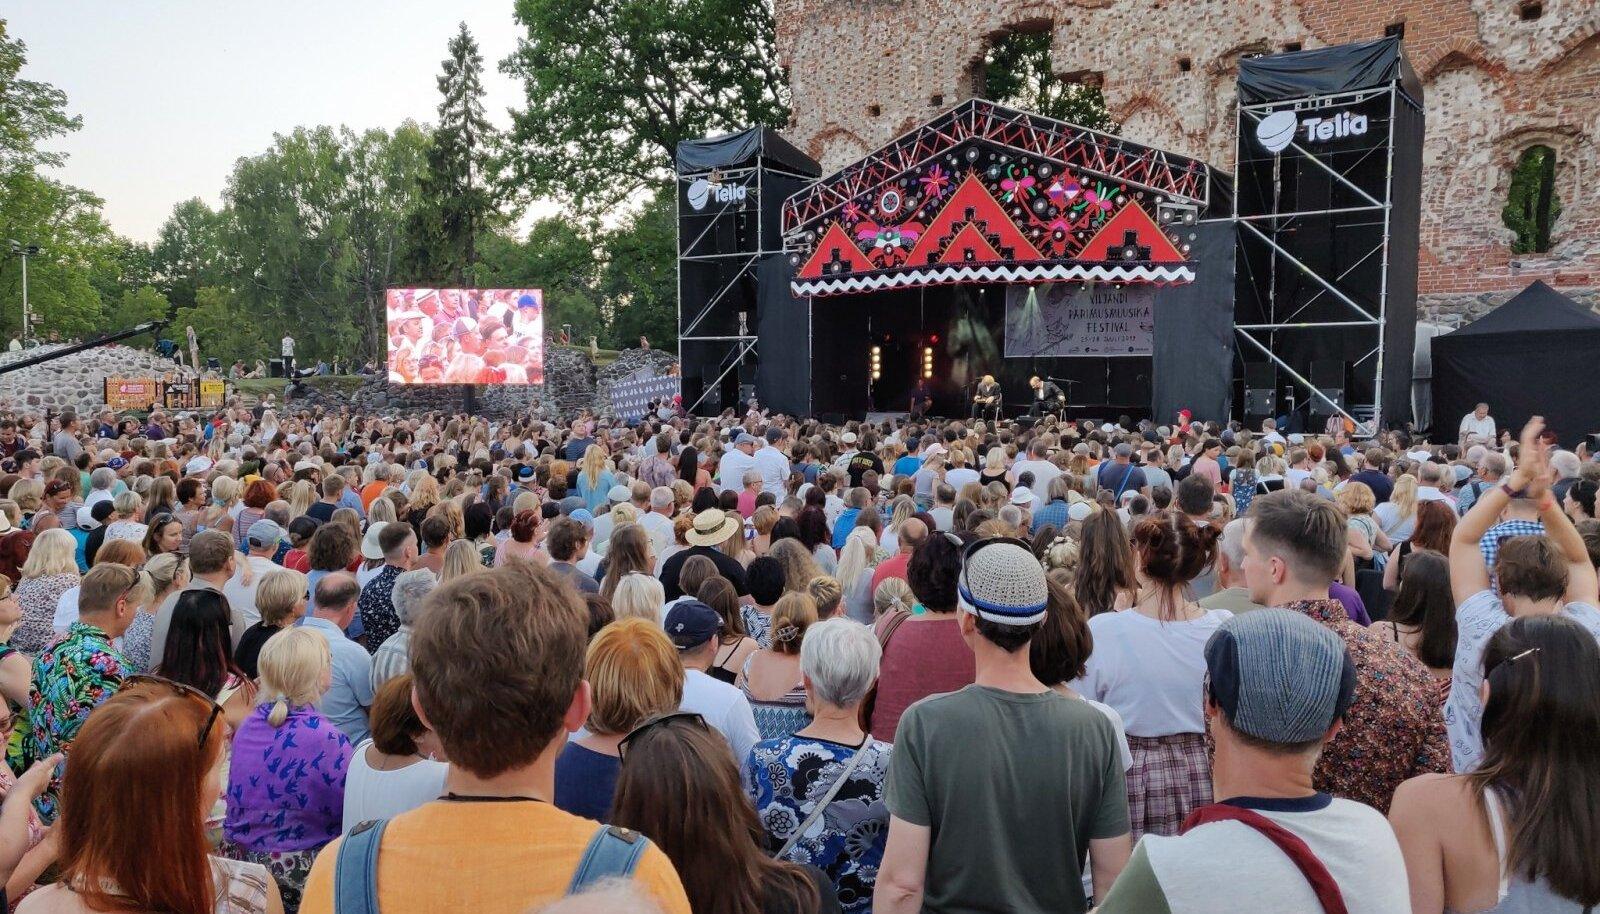 Puuluup Viljandi Folk 2019